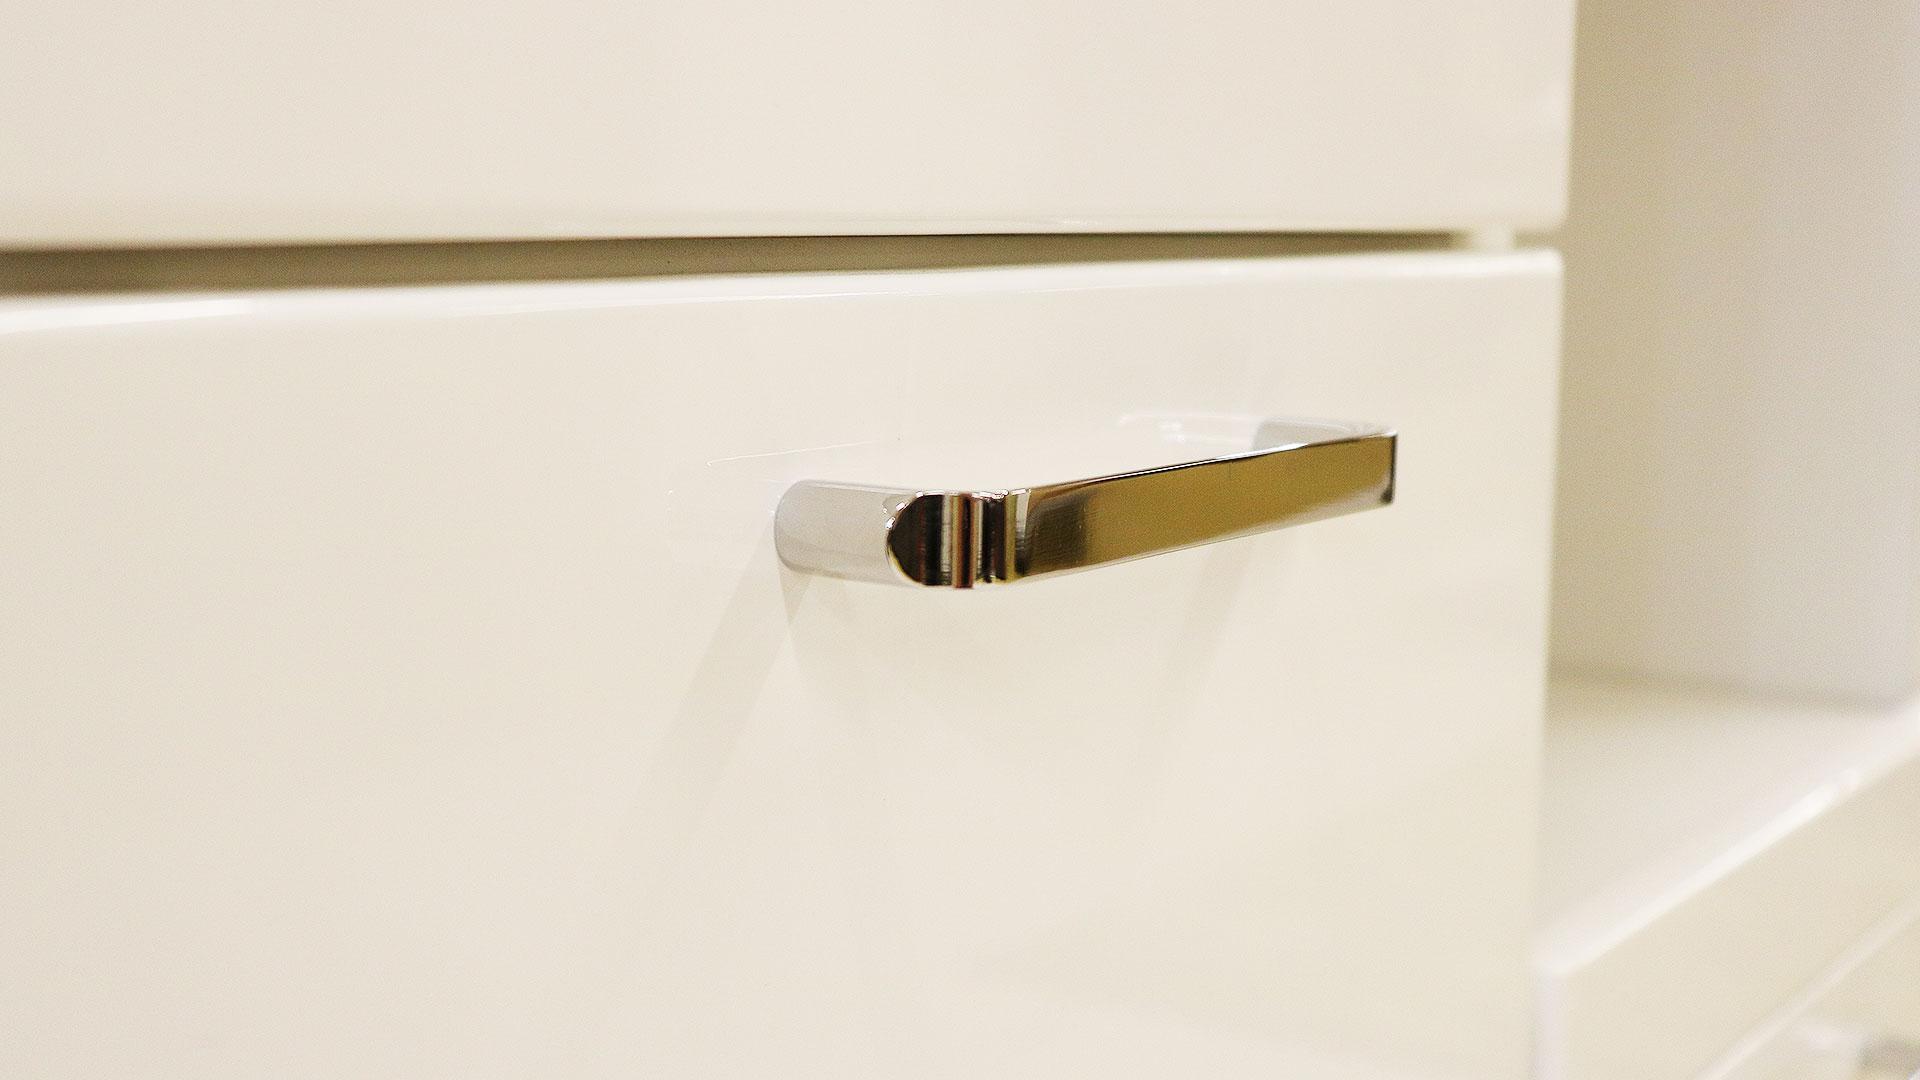 日本製の横幅90㎝のレンジ台食器棚トスティの表面と取っ手